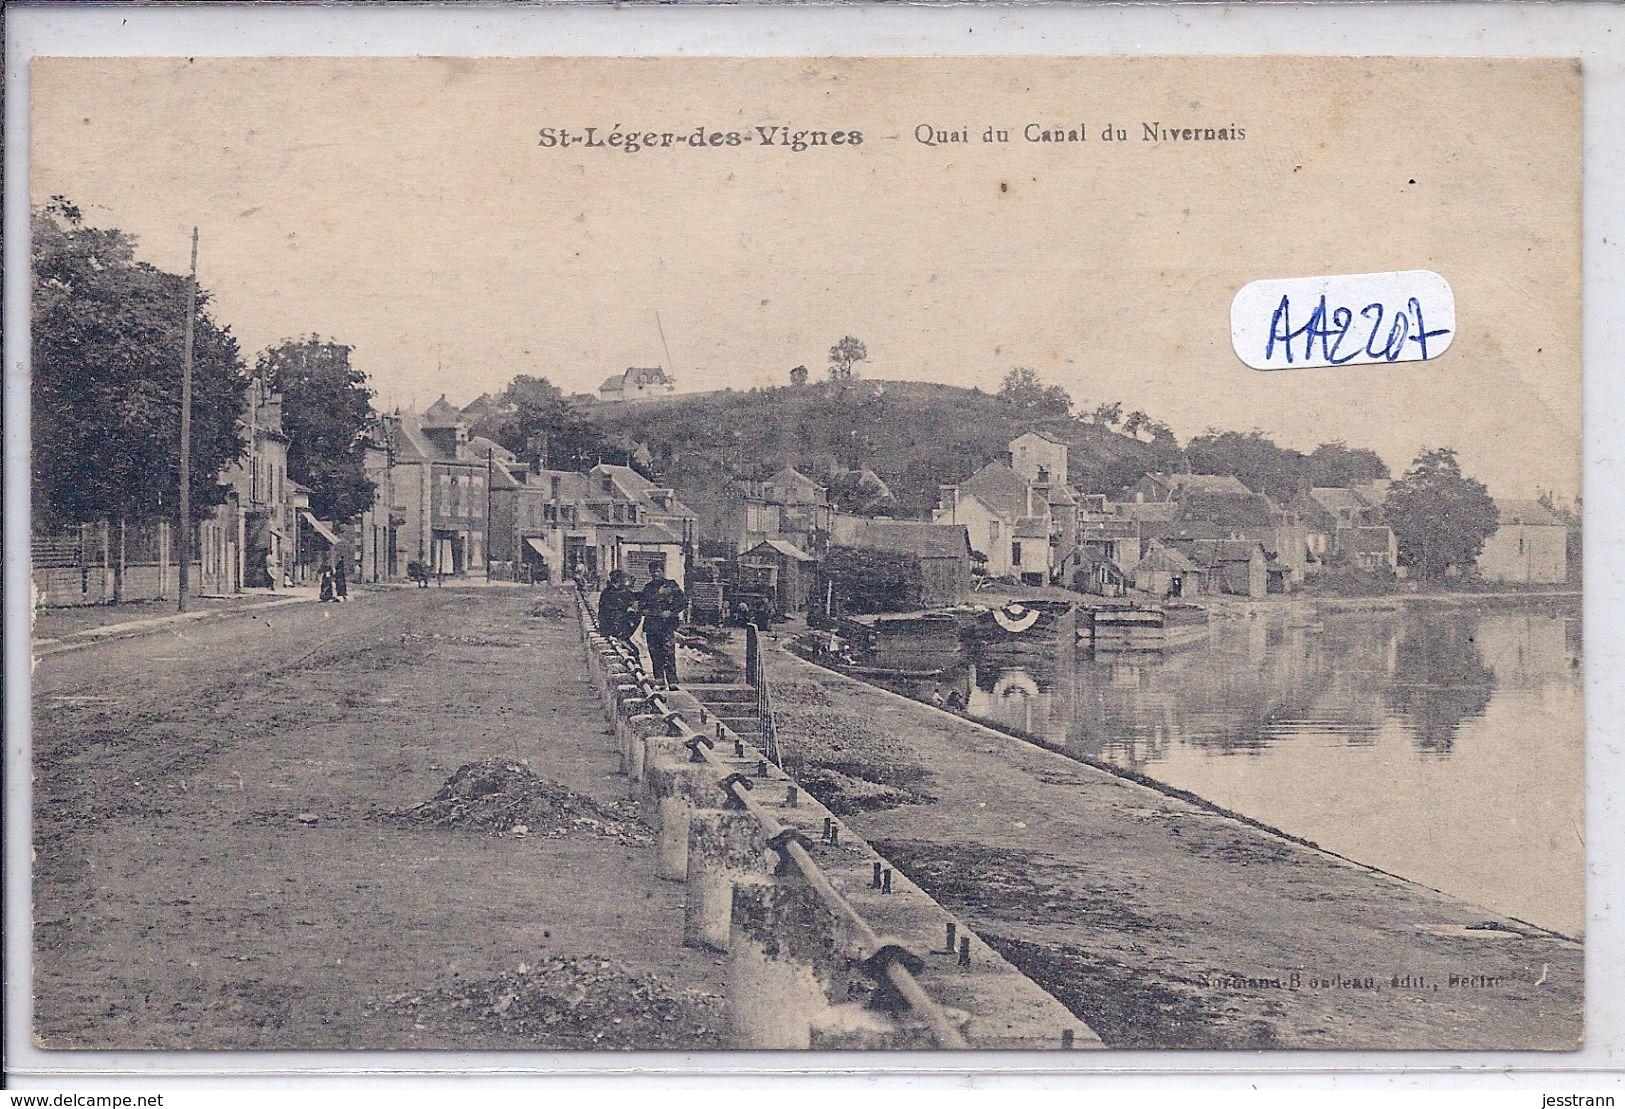 SAINT-LEGER-DES-VIGNES- QUAI DU CANAL DU NIVERNAIS - France